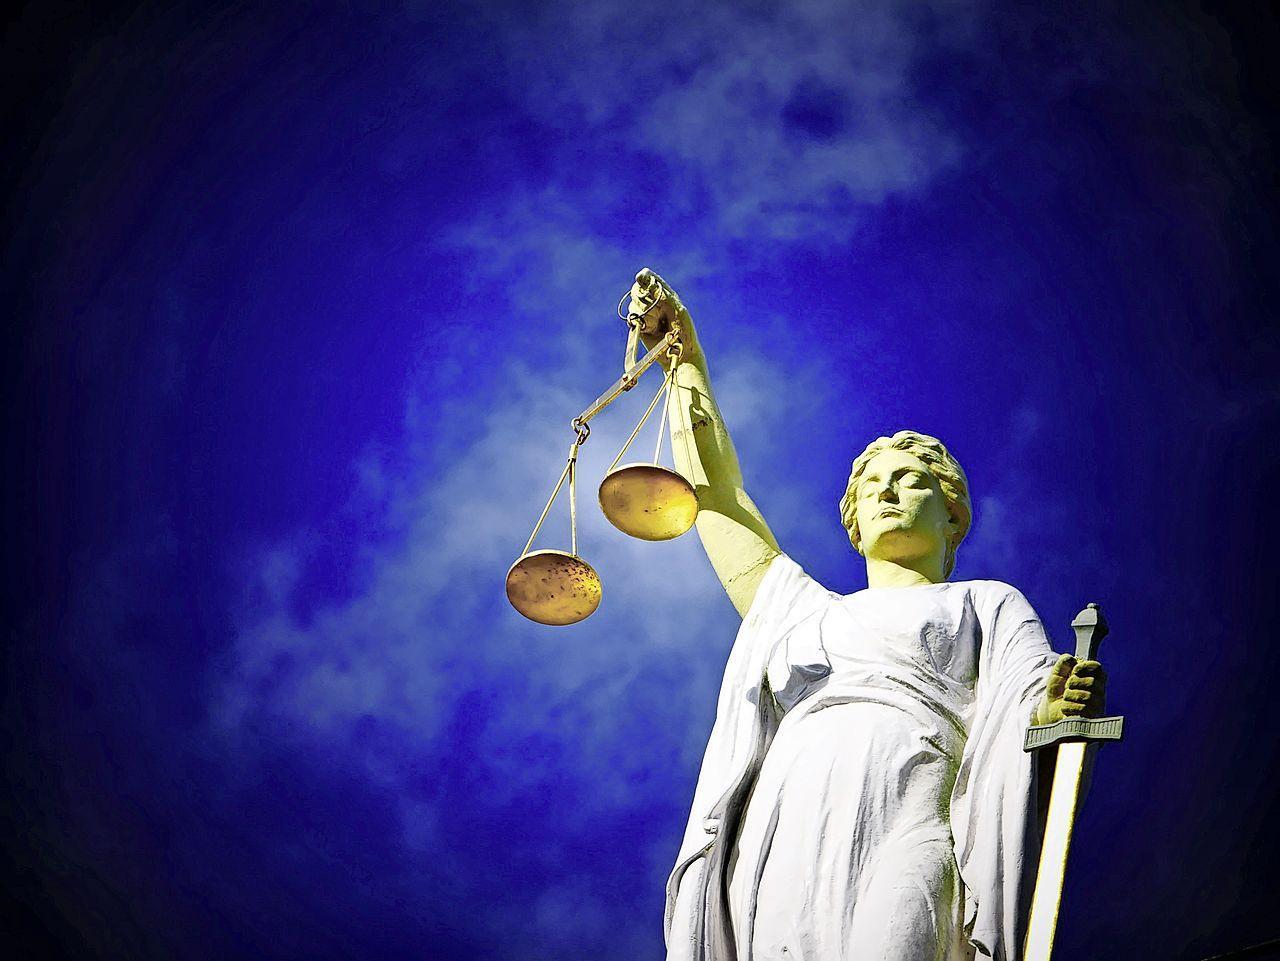 Acht maanden cel voor plunderen bankrekening ouderen Sassenheim en Oegstgeest met babbeltruc